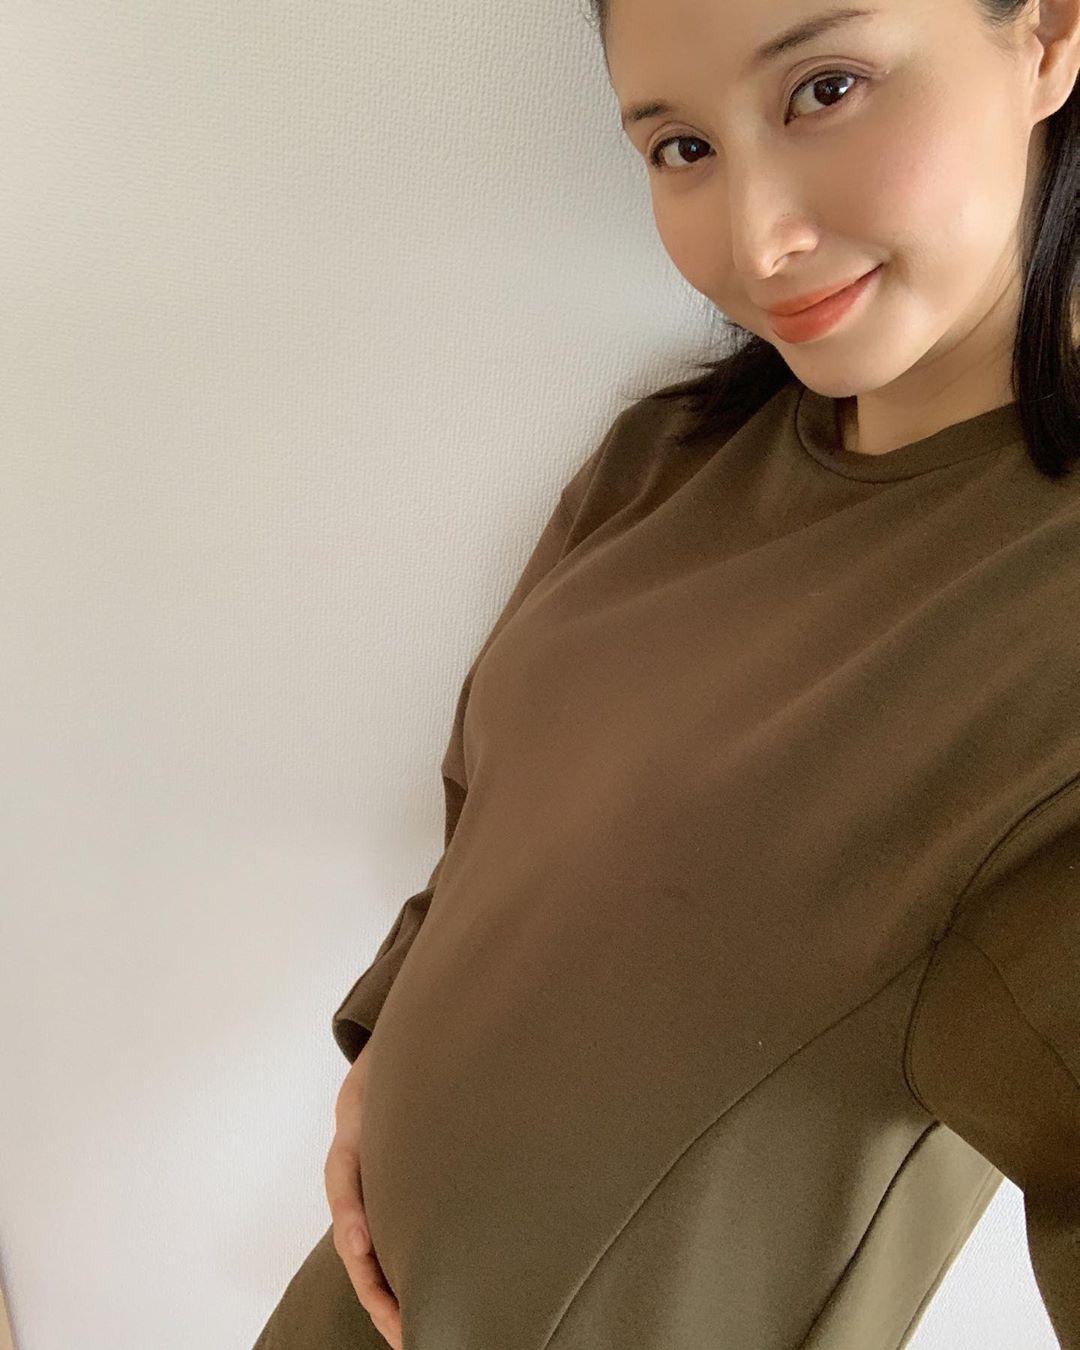 怀孕7个月的桥本爱实肚子丰满的照片投稿 报告了第1个孩子成长顺利